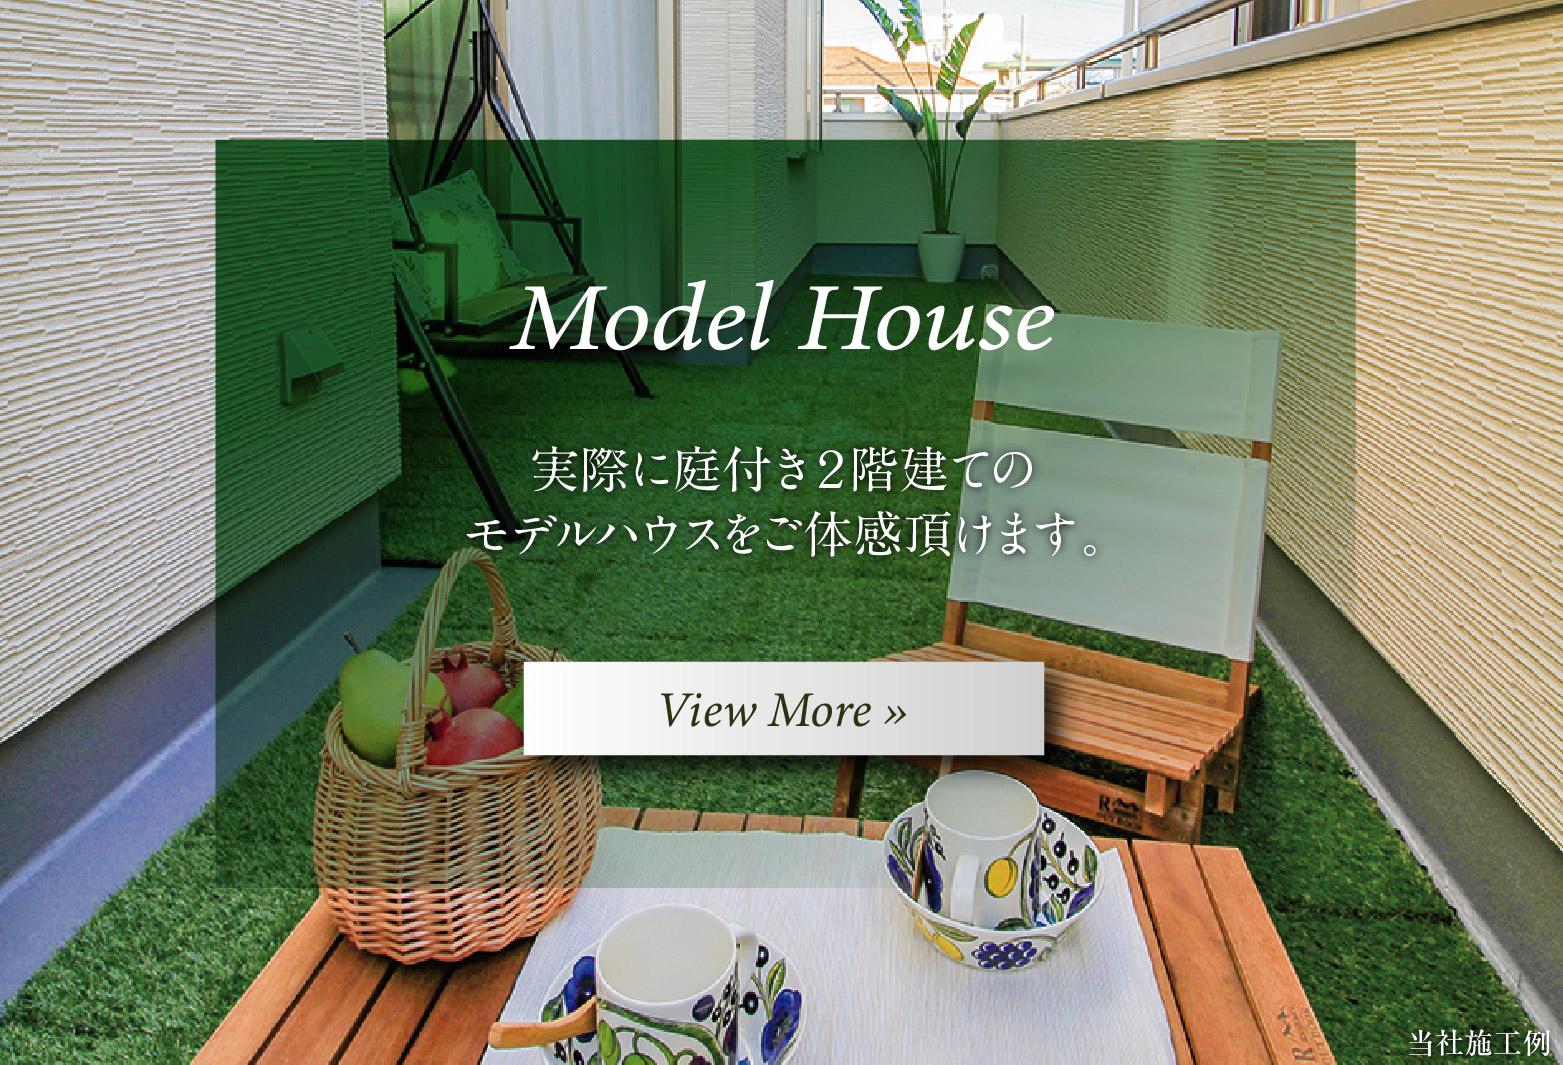 【アフュージアガーデン茨木春日】MODEL HOUSE